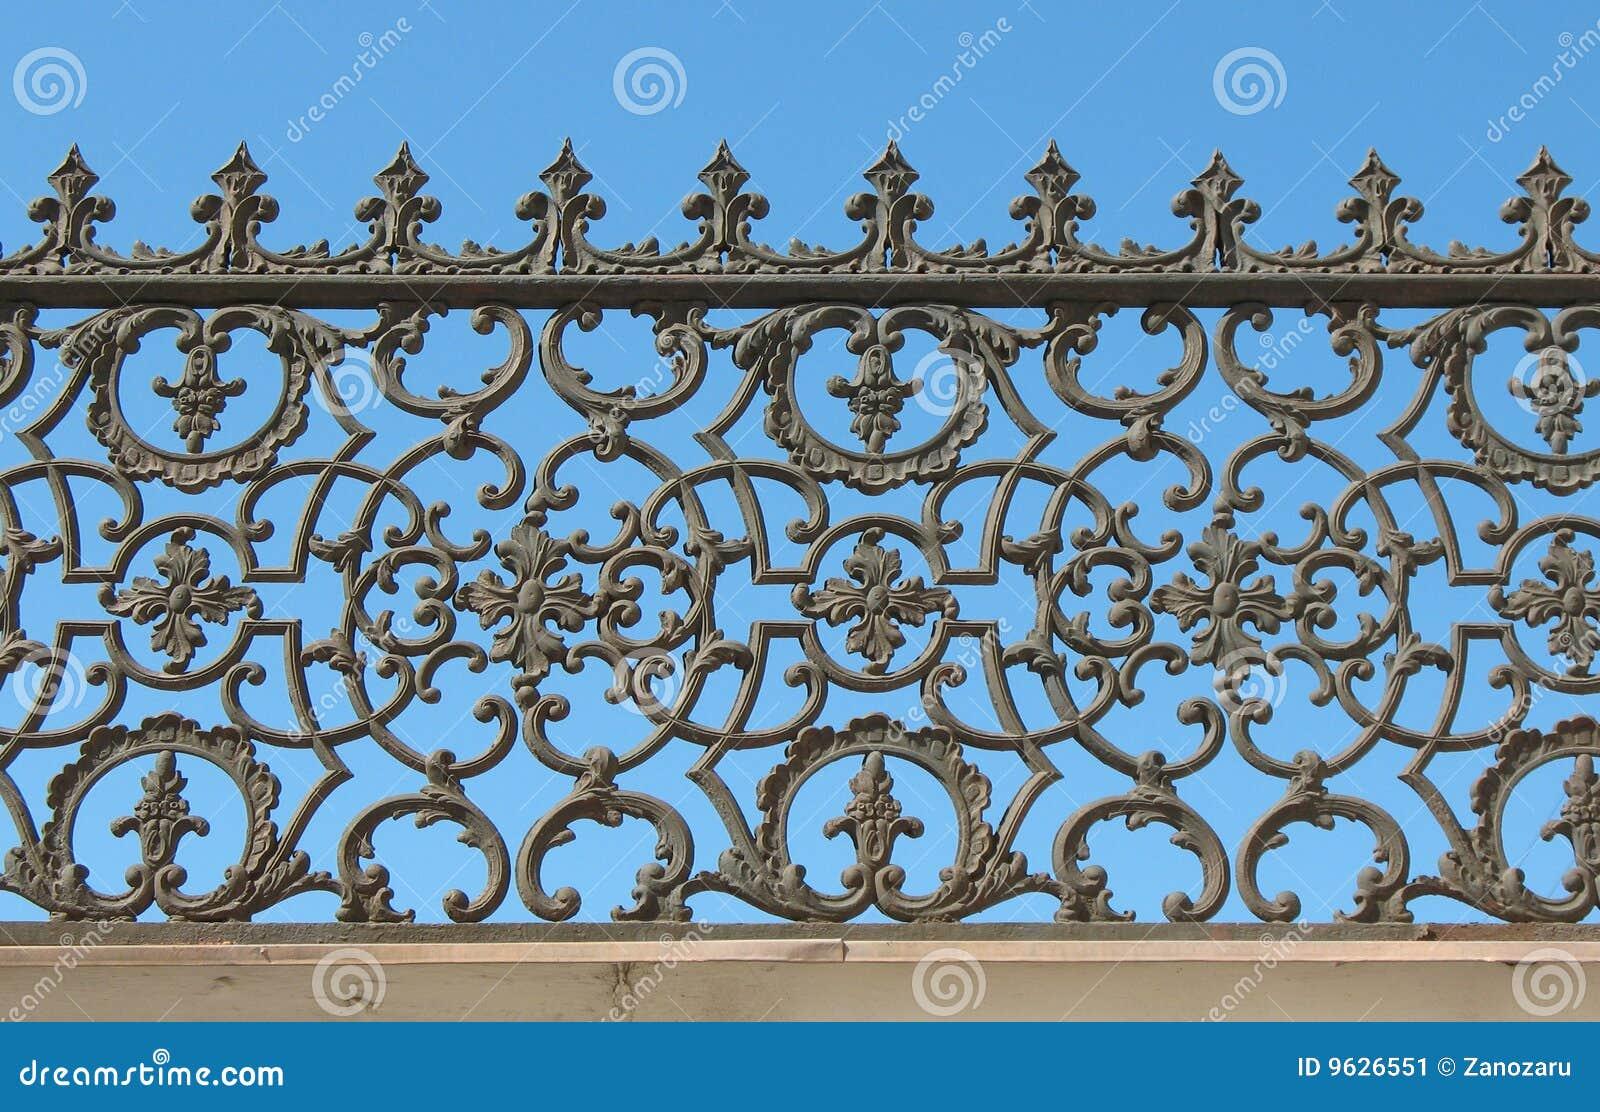 Decorative Cast-iron Fence Stock Image